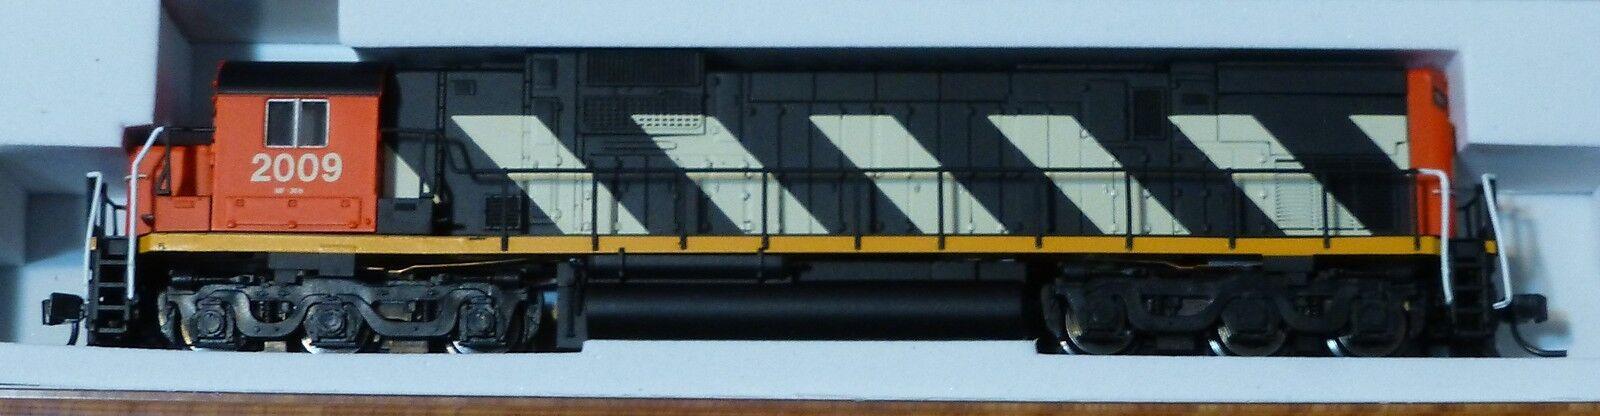 Atlas N  40001985 nacional canadiense (RD  2009) C-630 DC Locomotora ()